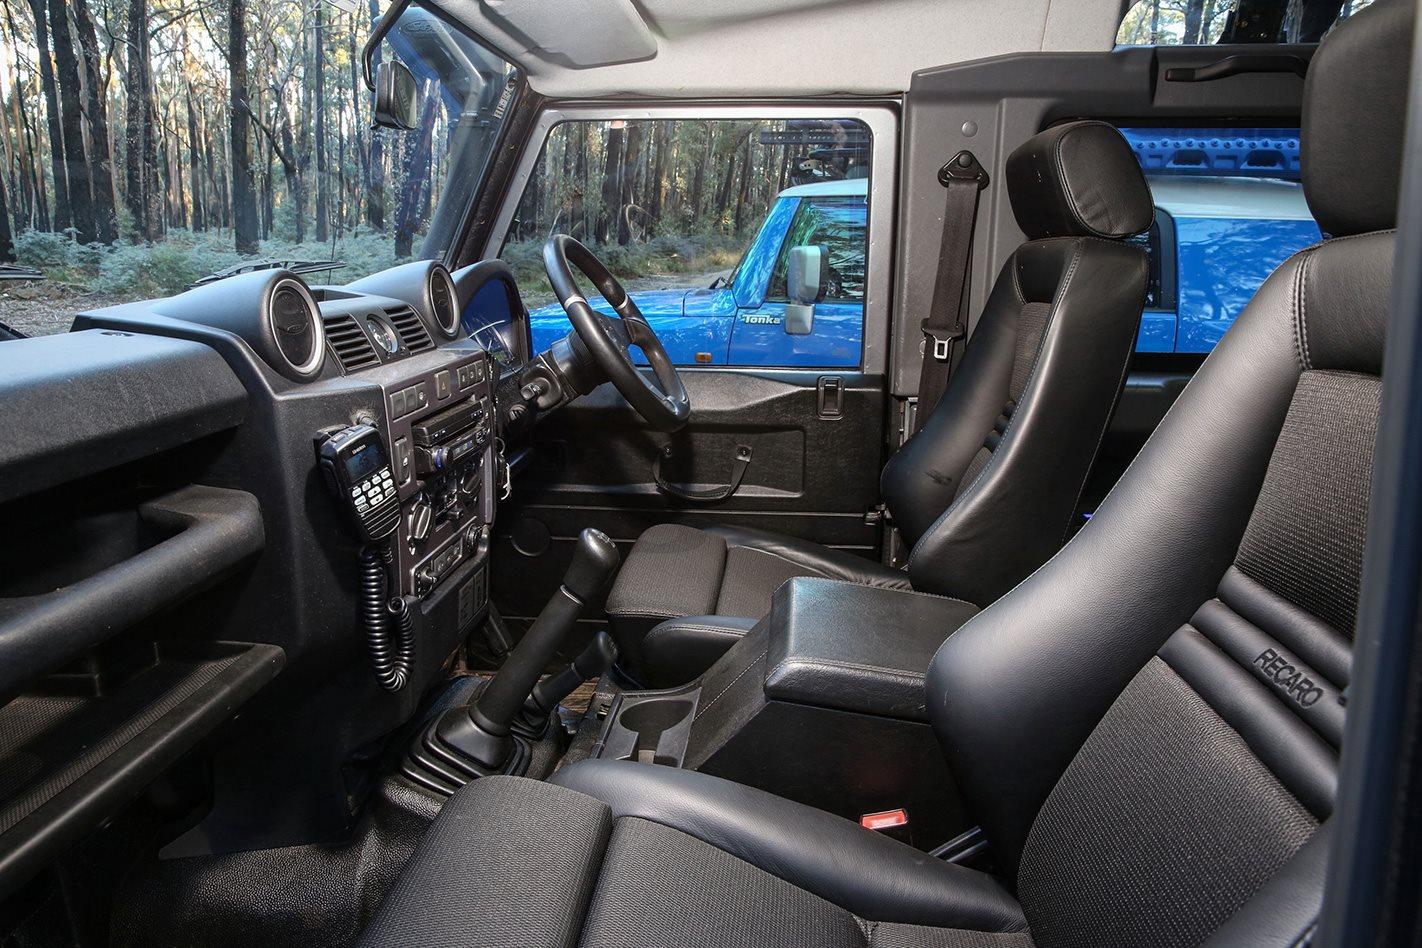 2013 Land Rover Defender interior.jpg